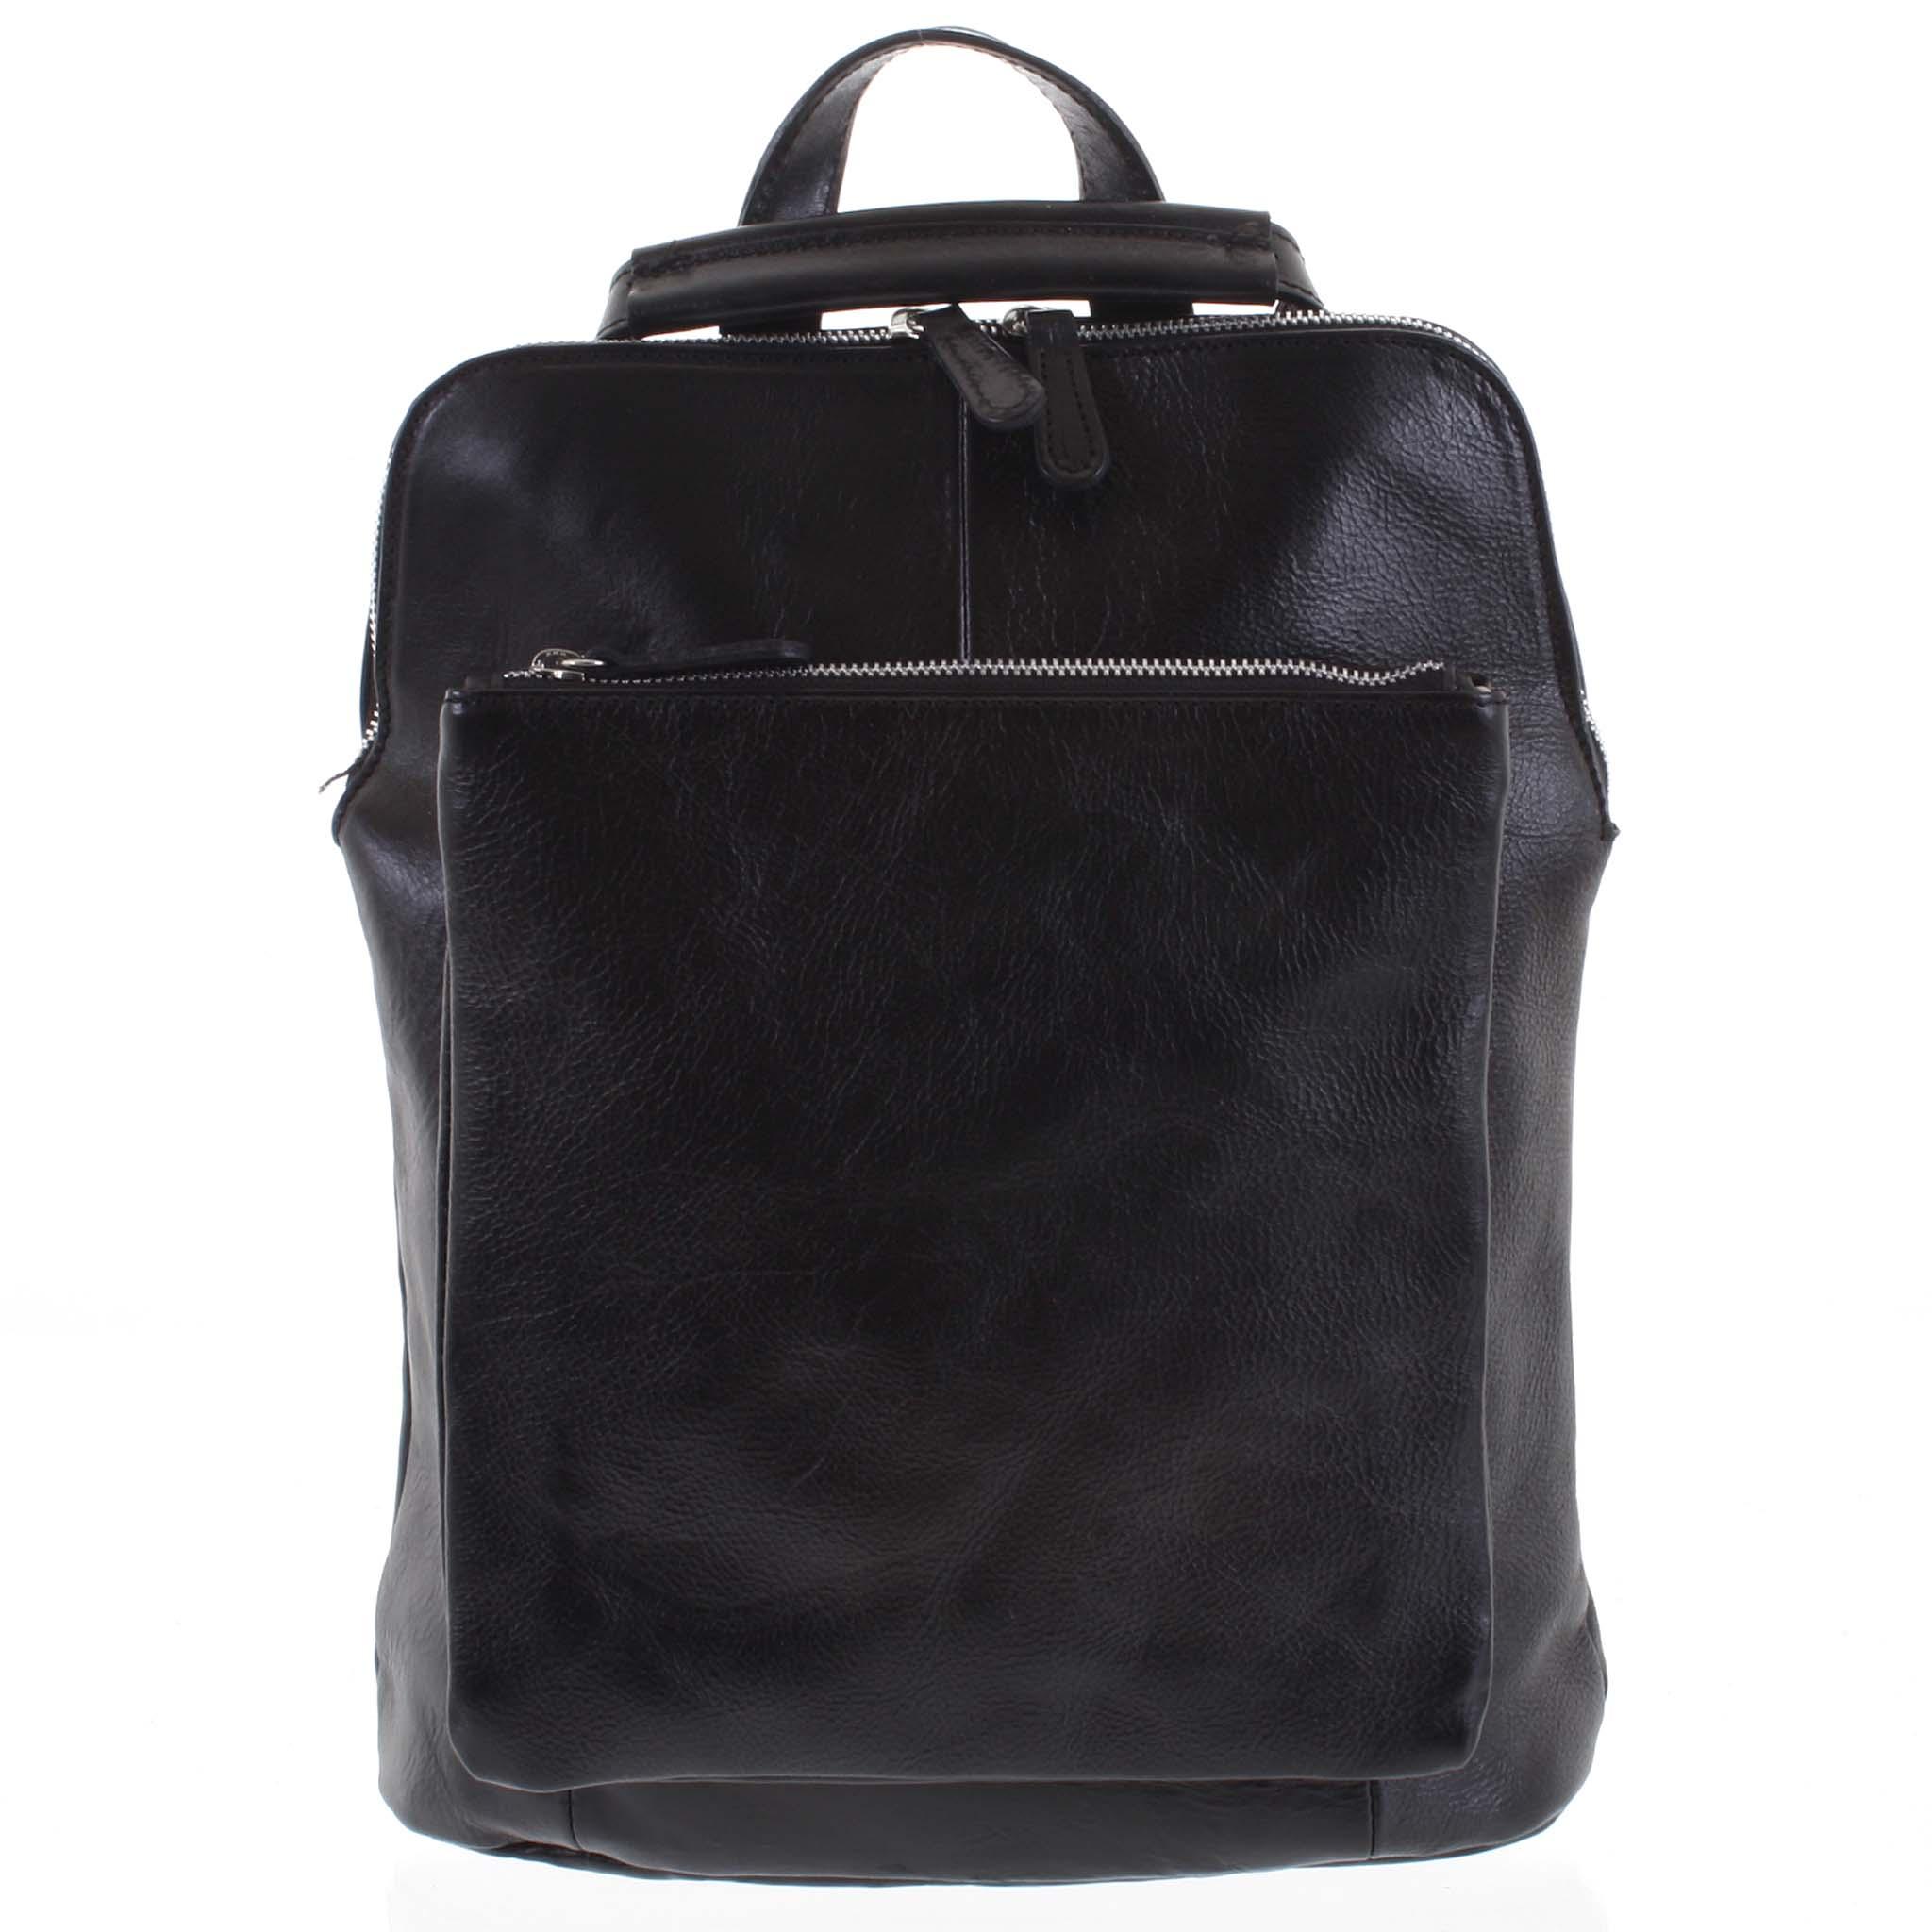 Dámský kožený batoh kabelka černý - ItalY Englidis